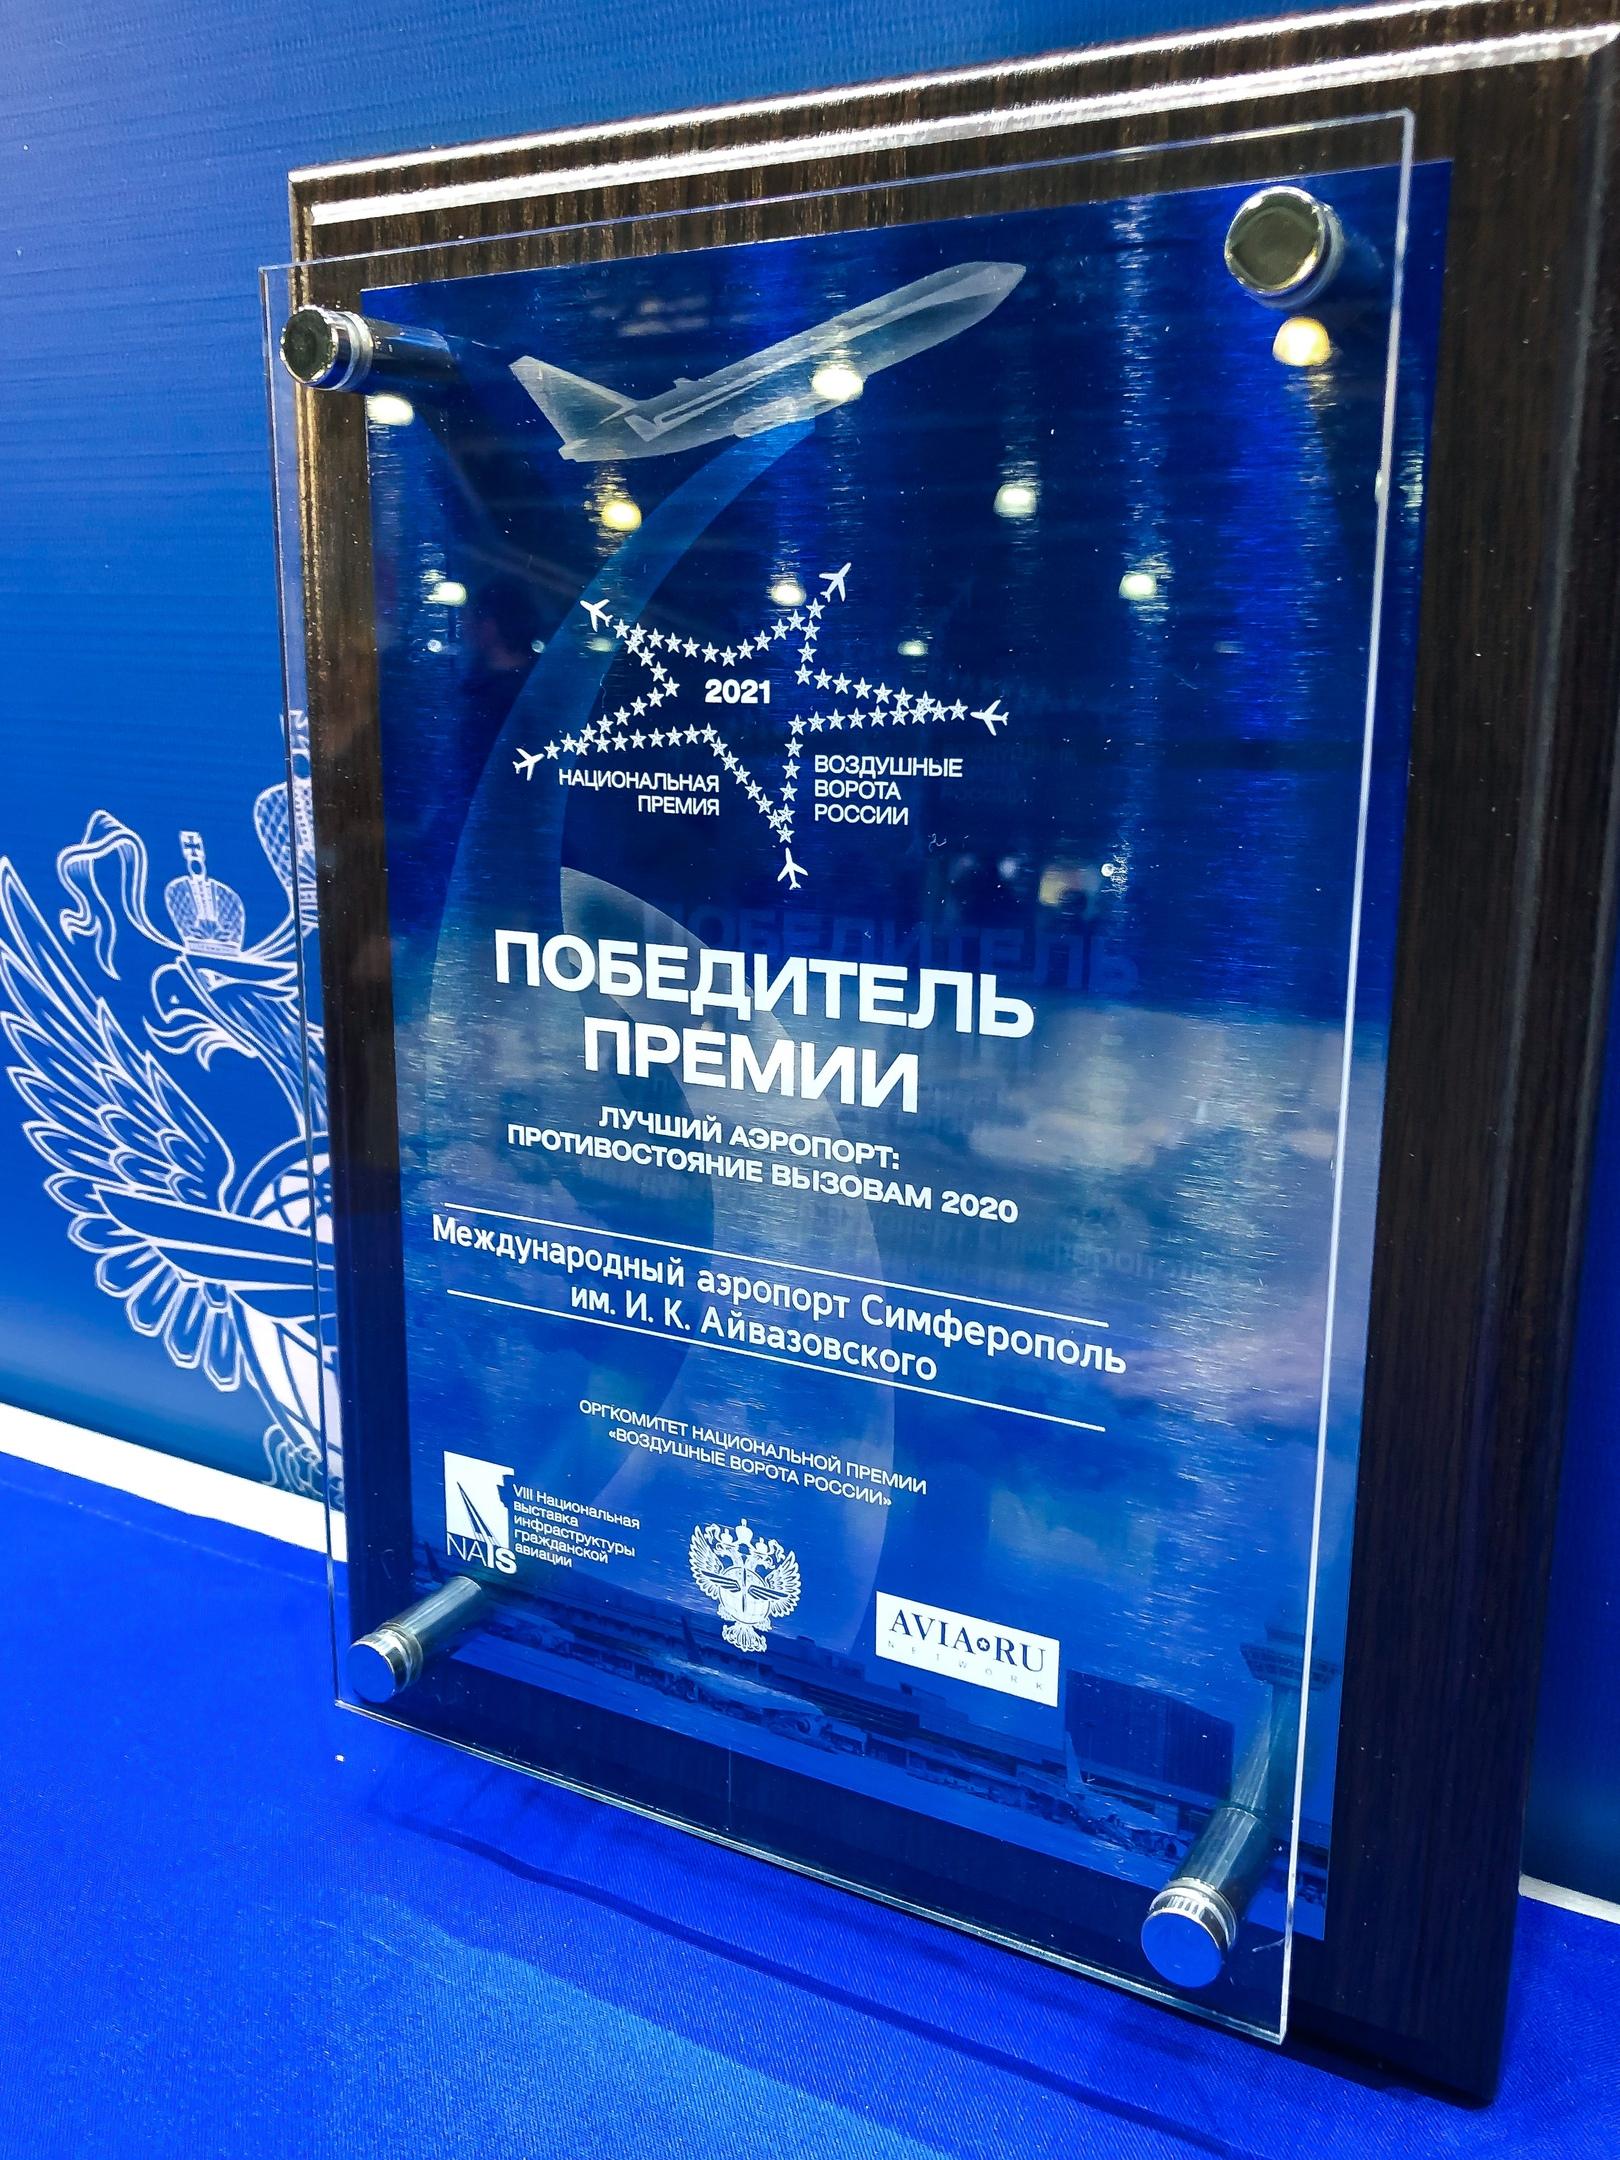 Аэропорт Симферополь победил в национальной премии «Воздушные ворота России»